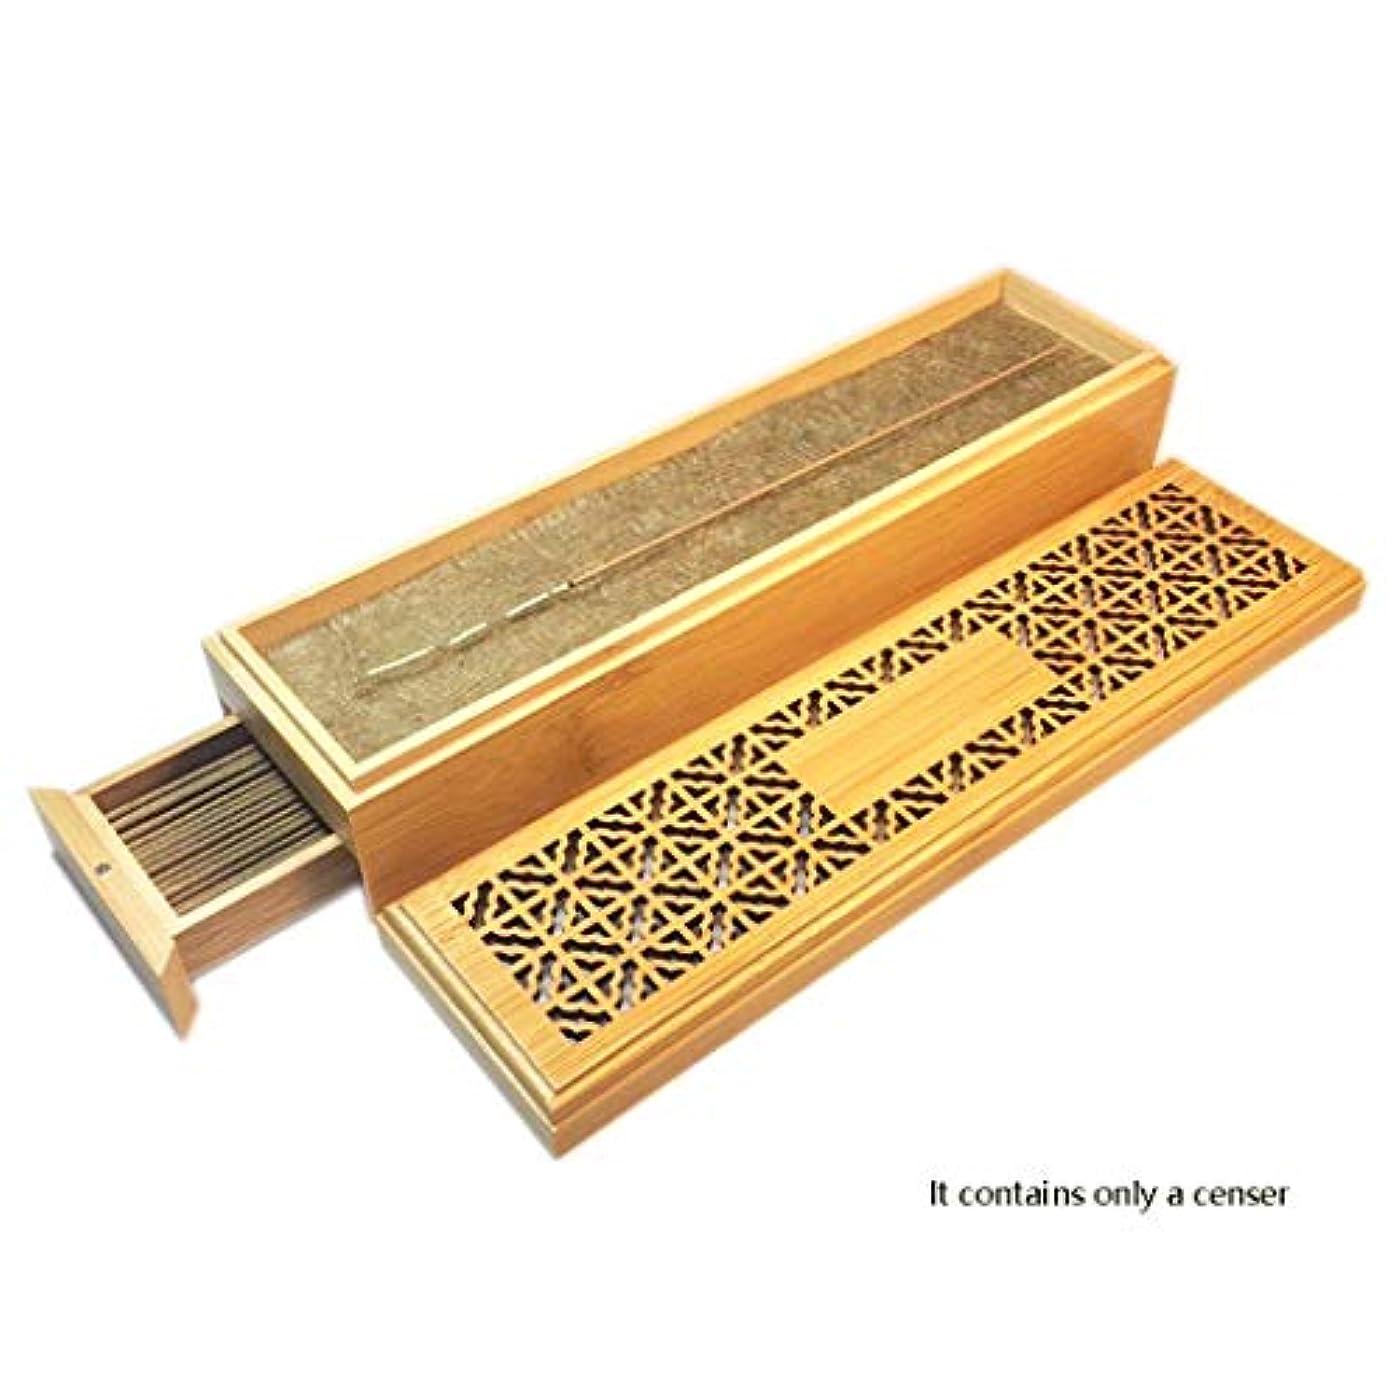 広がり飾るキャロラインホームアロマバーナー 竹製お香バーナー引き出し付スティック収納ボックス中空木製ケースボックスIncensoスティックホルダー 芳香器アロマバーナー (Color : Natural)